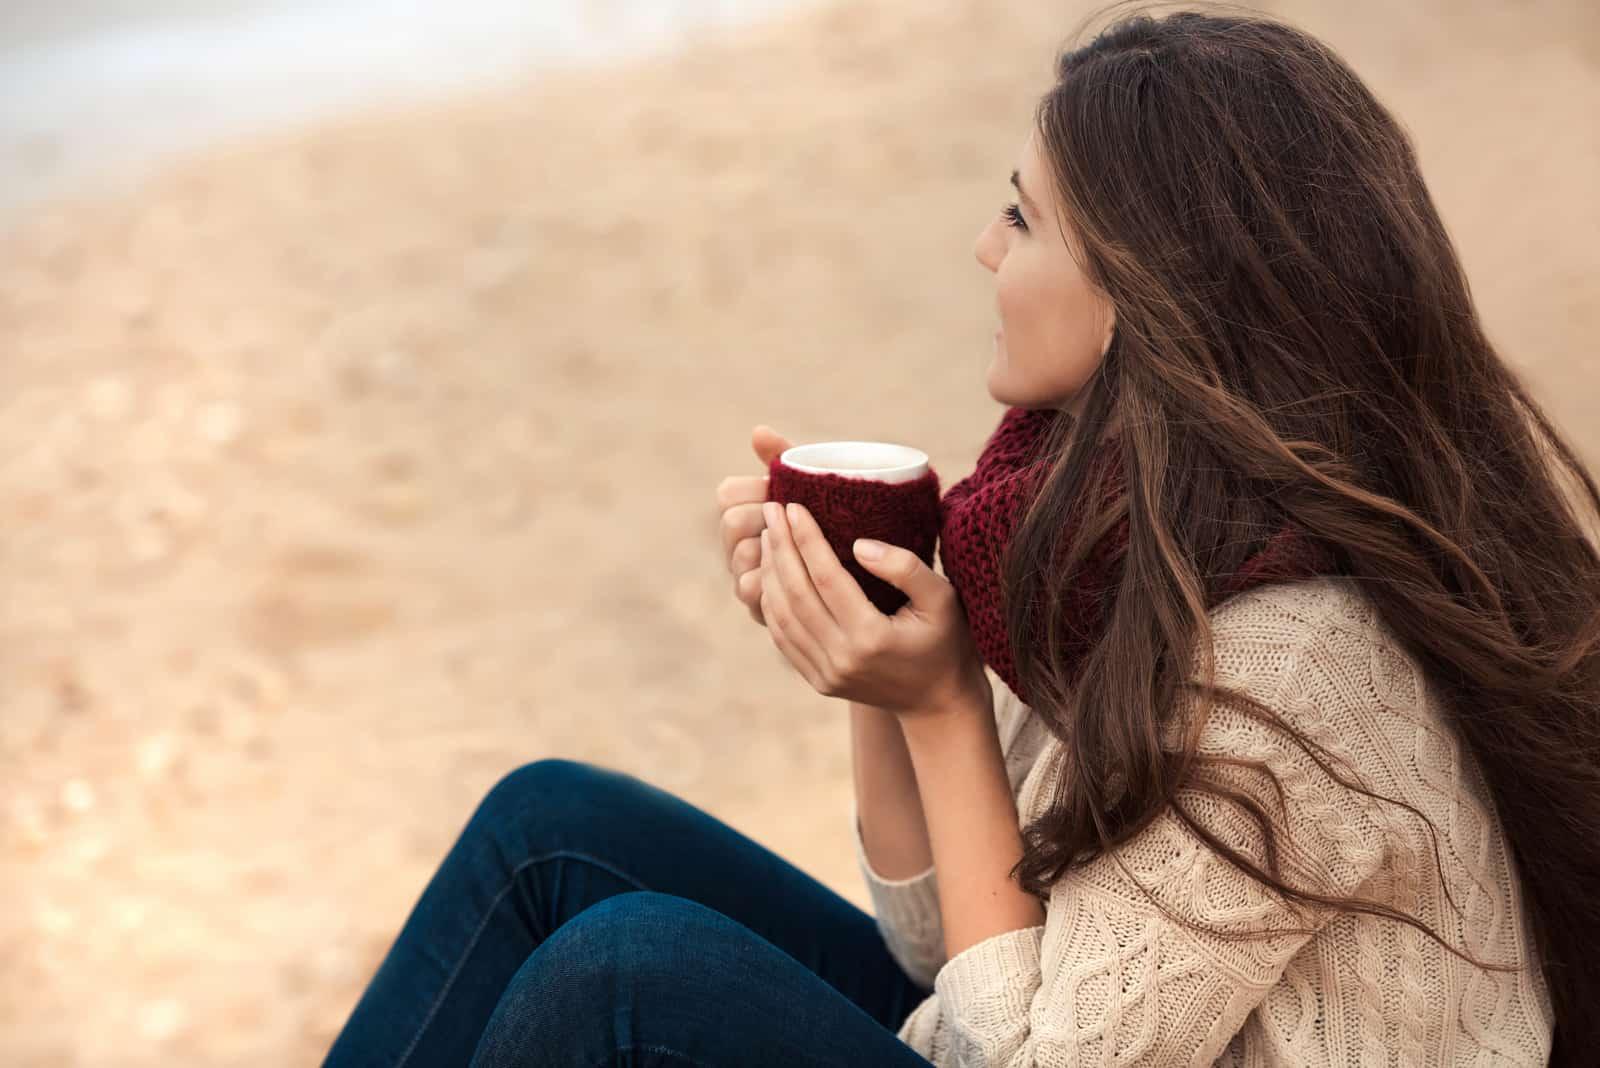 une belle femme aux longs cheveux noirs est assise et tient une tasse de café à la main